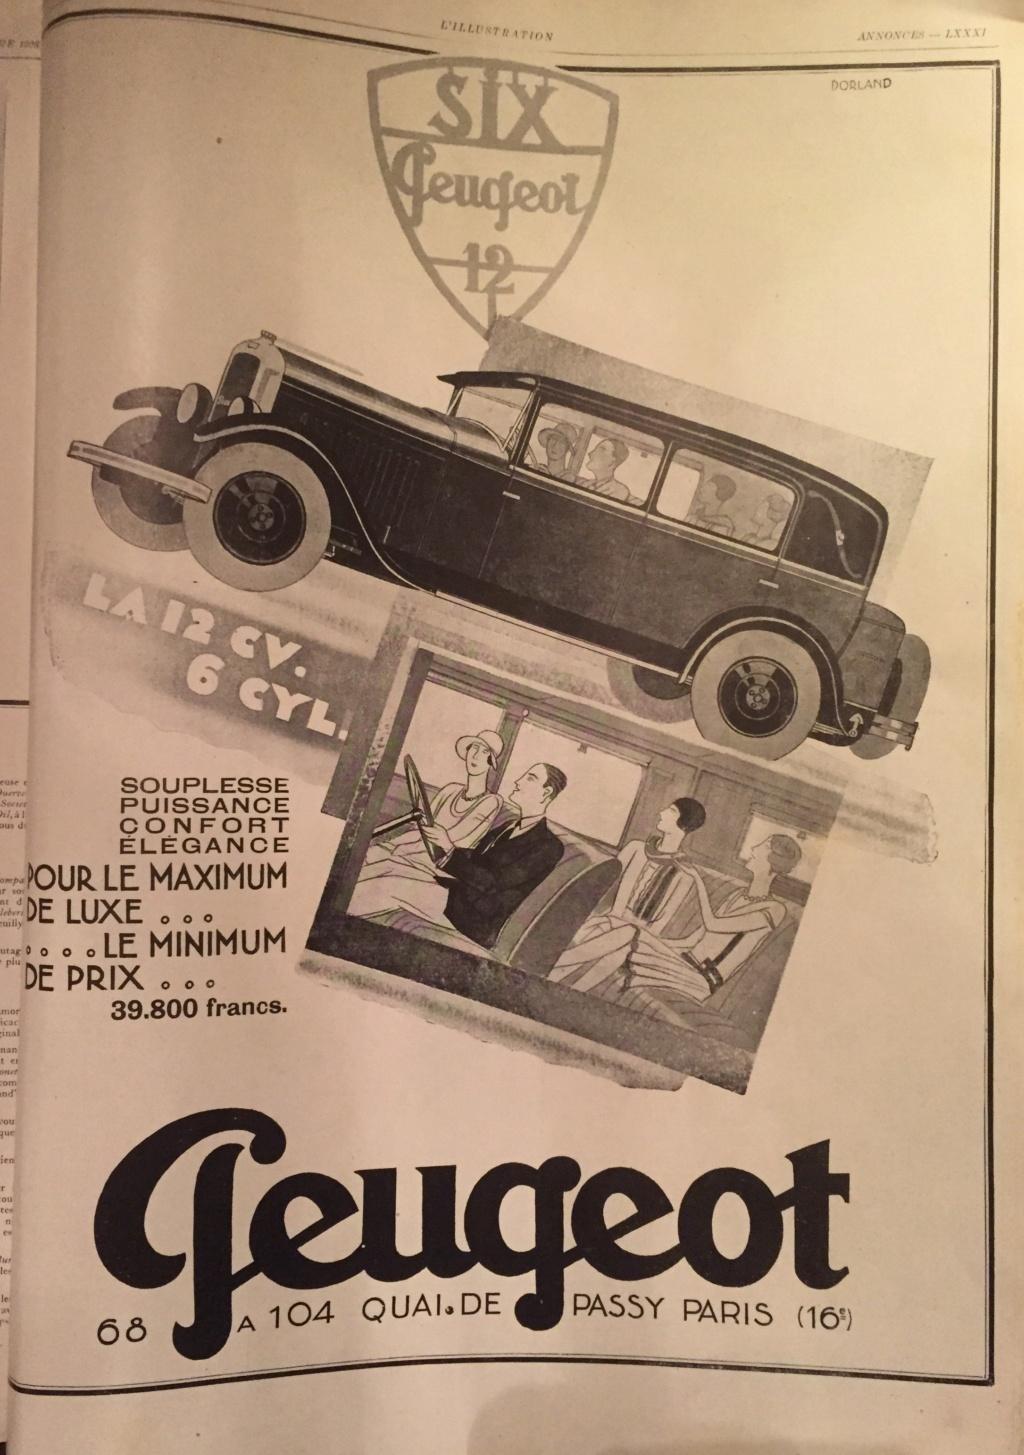 3 raisons d' acheter Peugeot   Publicité d'époque L-illu12